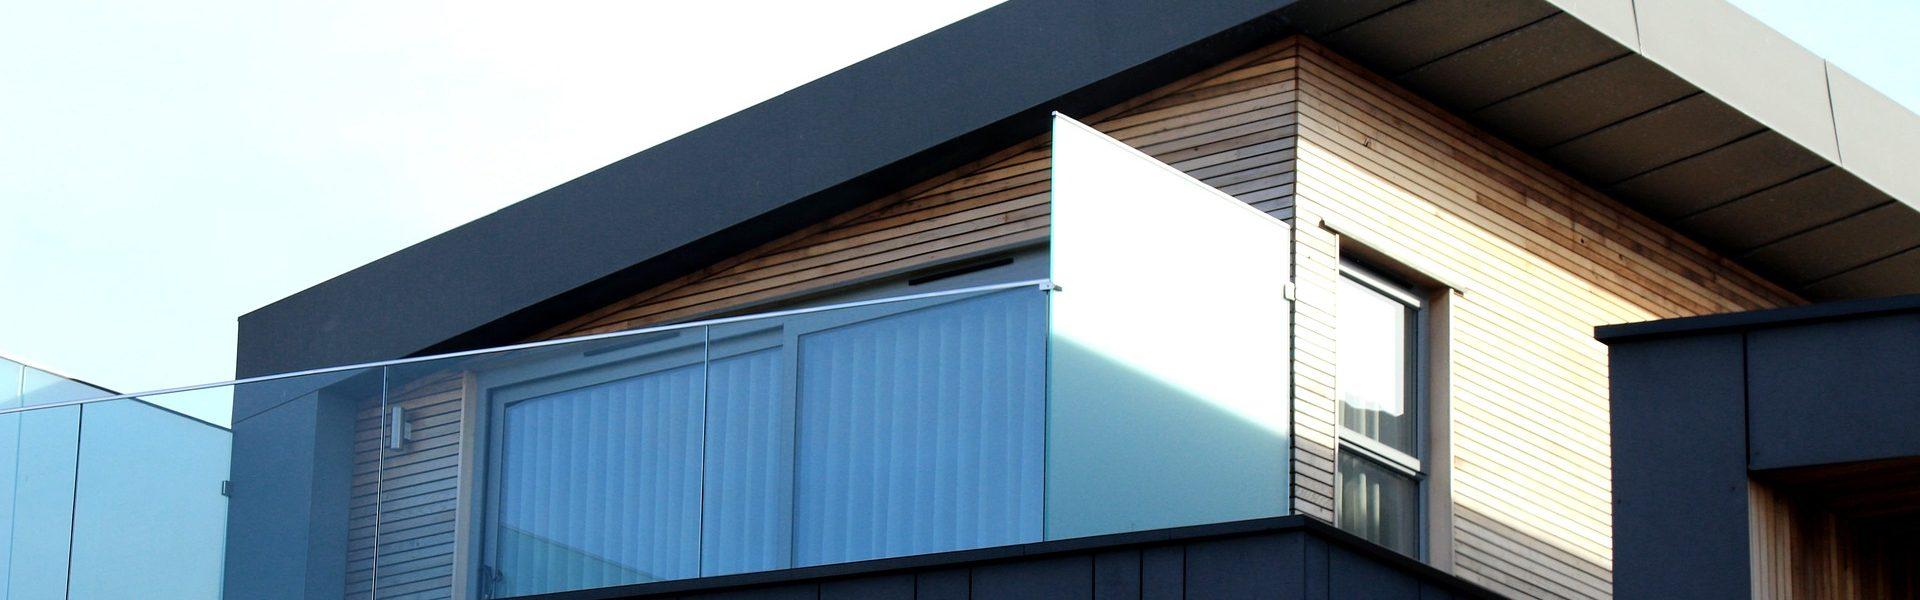 architecture-2587719_1920